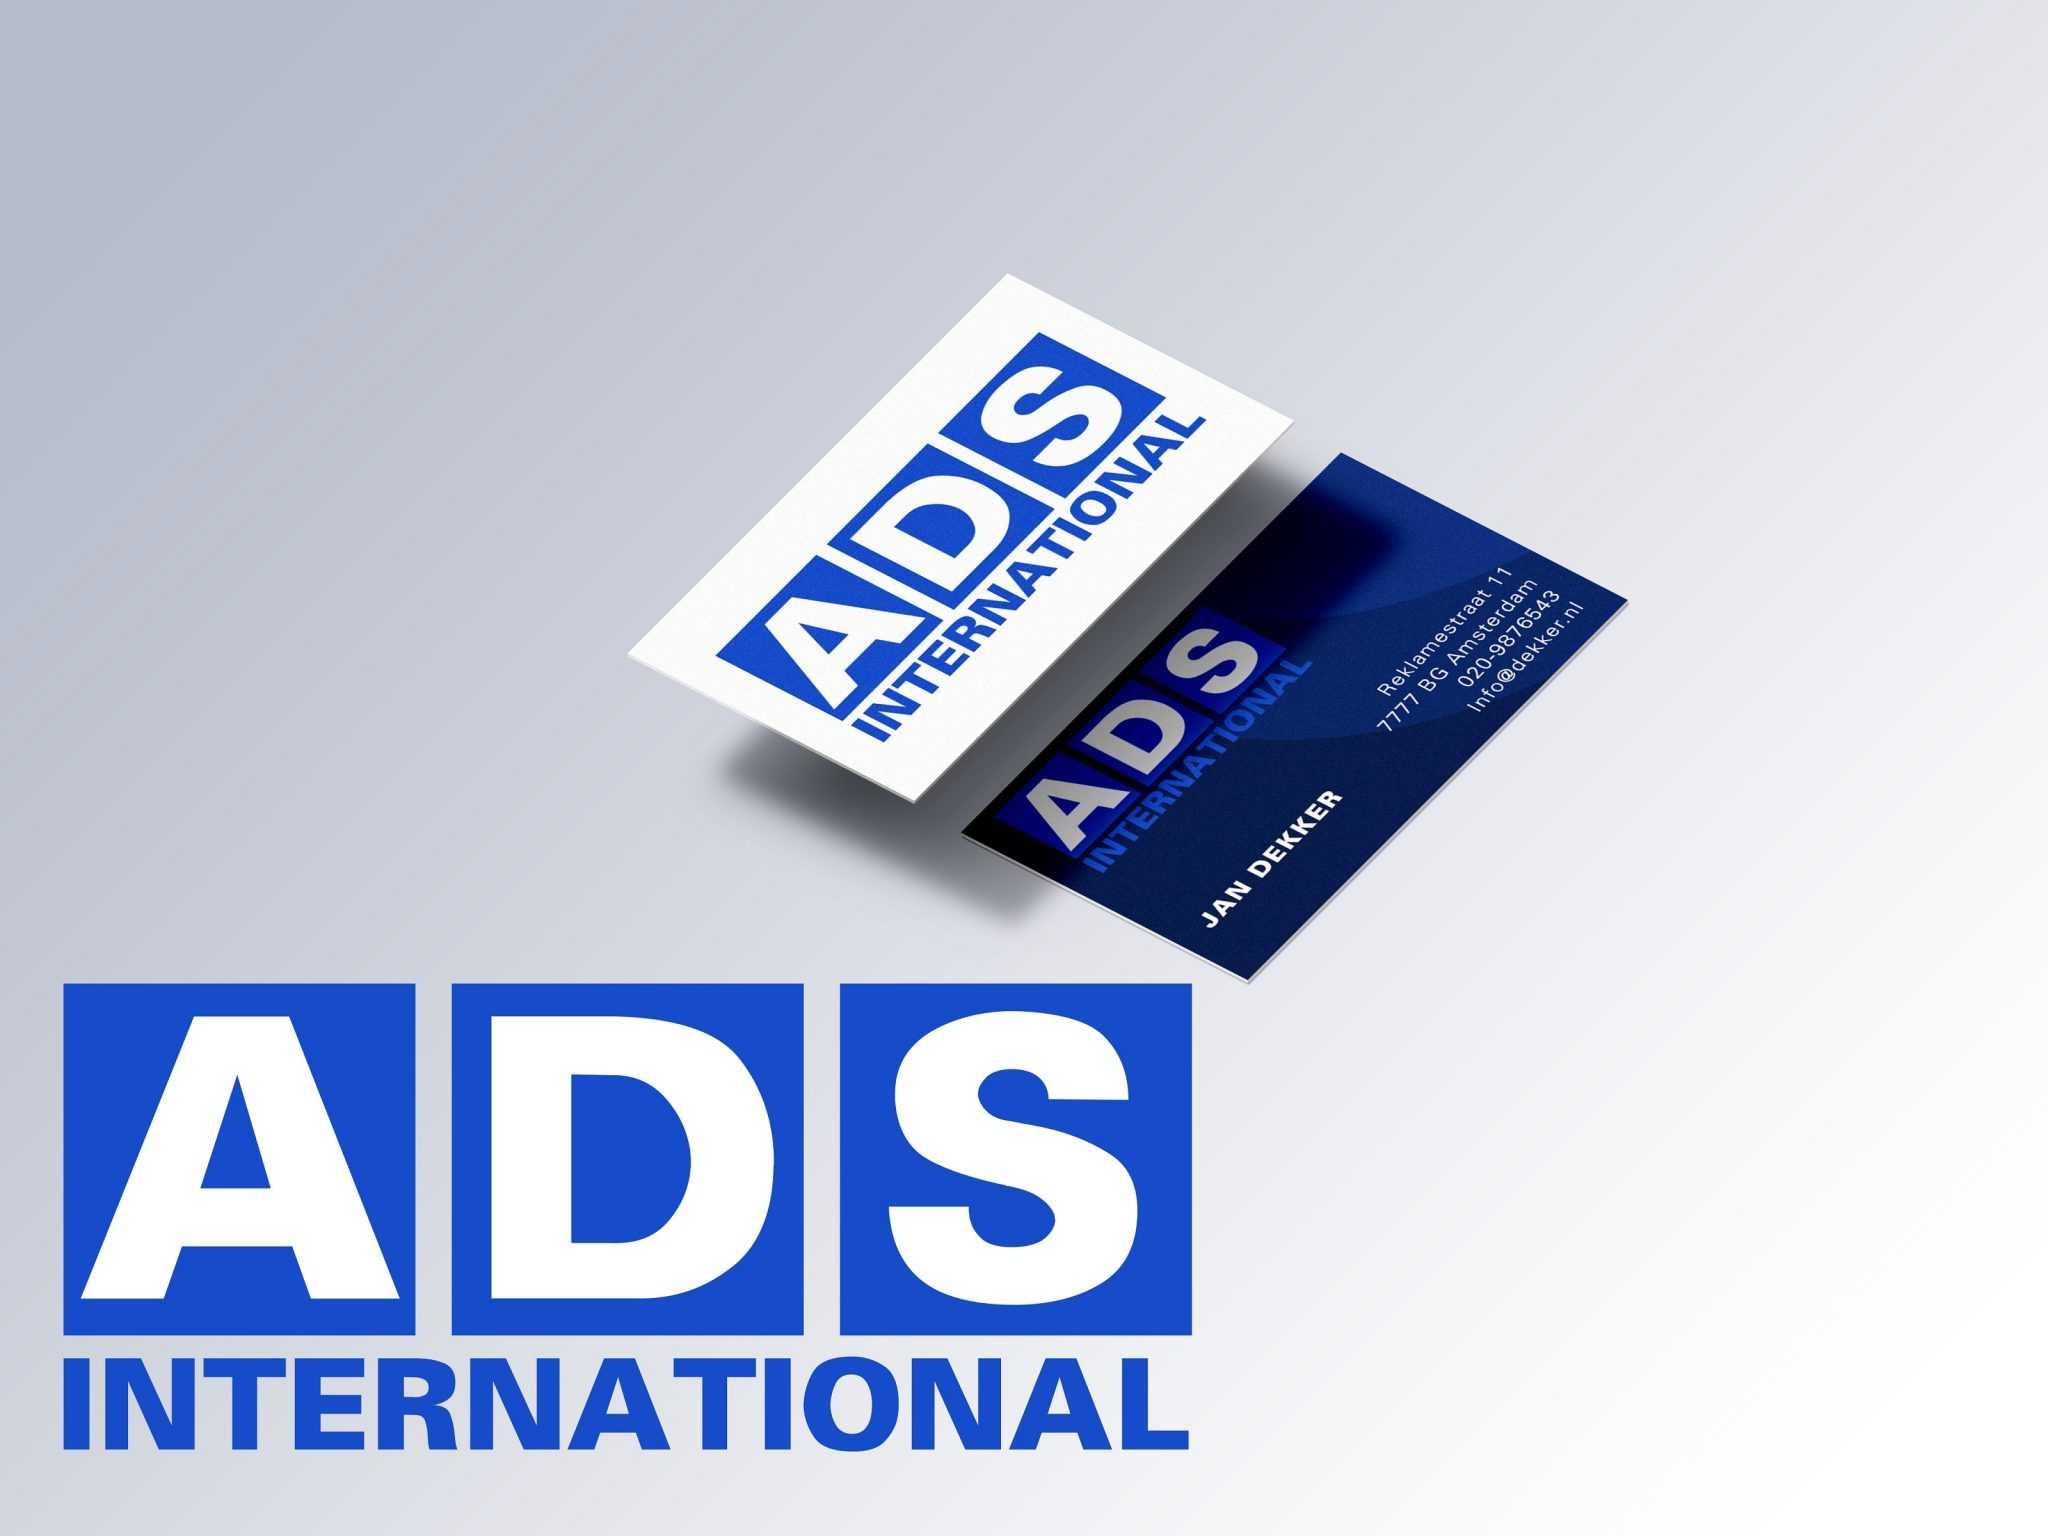 business-card-ADS-International